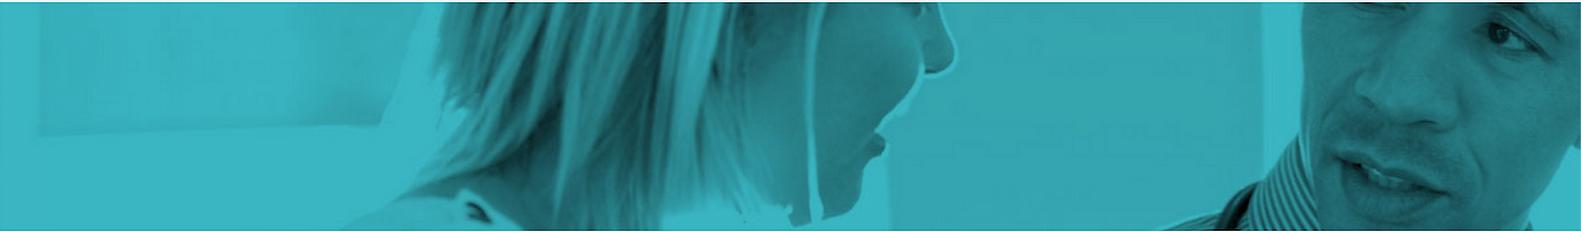 Screen Shot 2020-09-10 at 8.14.25 PM.png